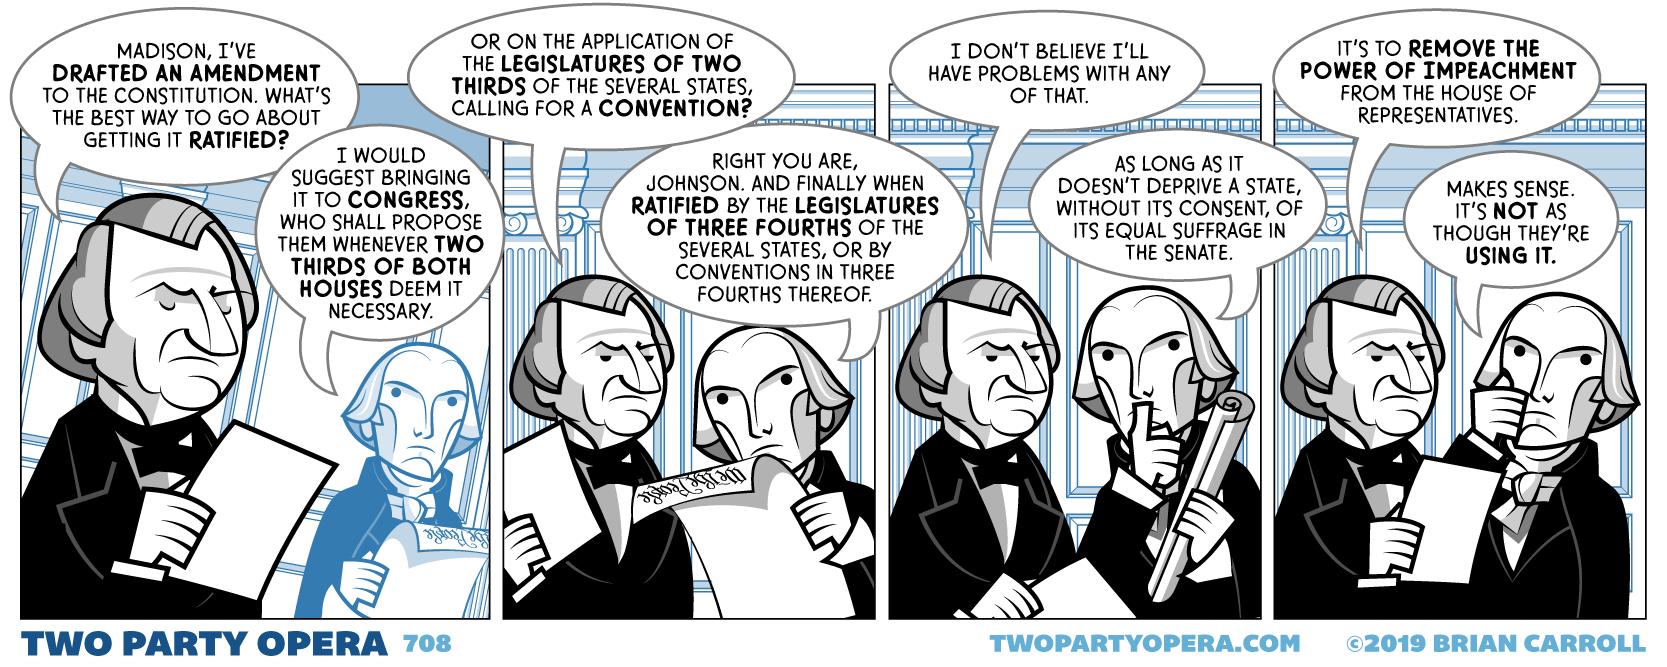 How an Amendment Gets Ratified